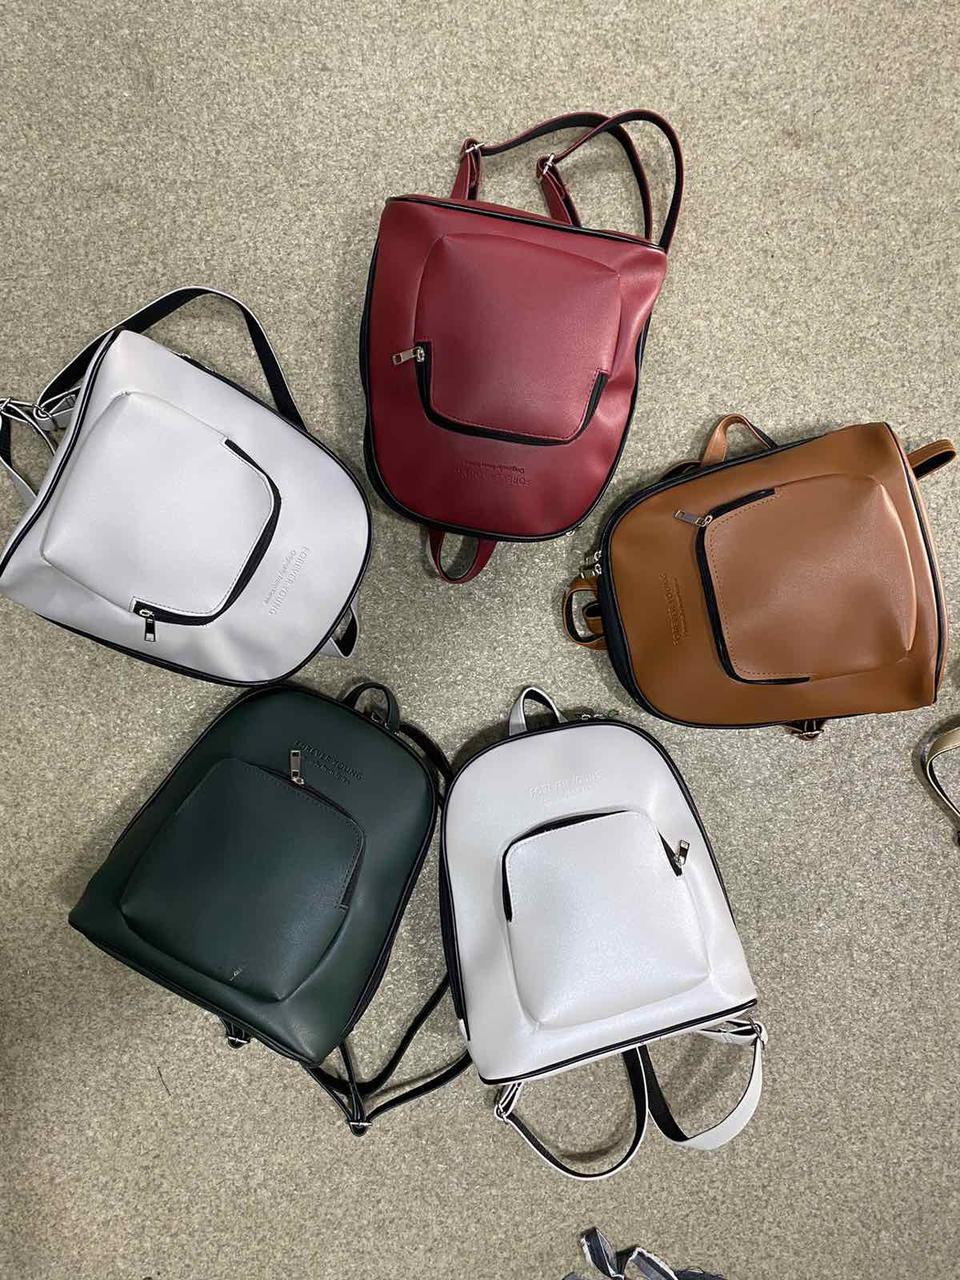 Рюкзак жіночий стильний міський штучна шкіра 30*28 см в різних кольорах Panda